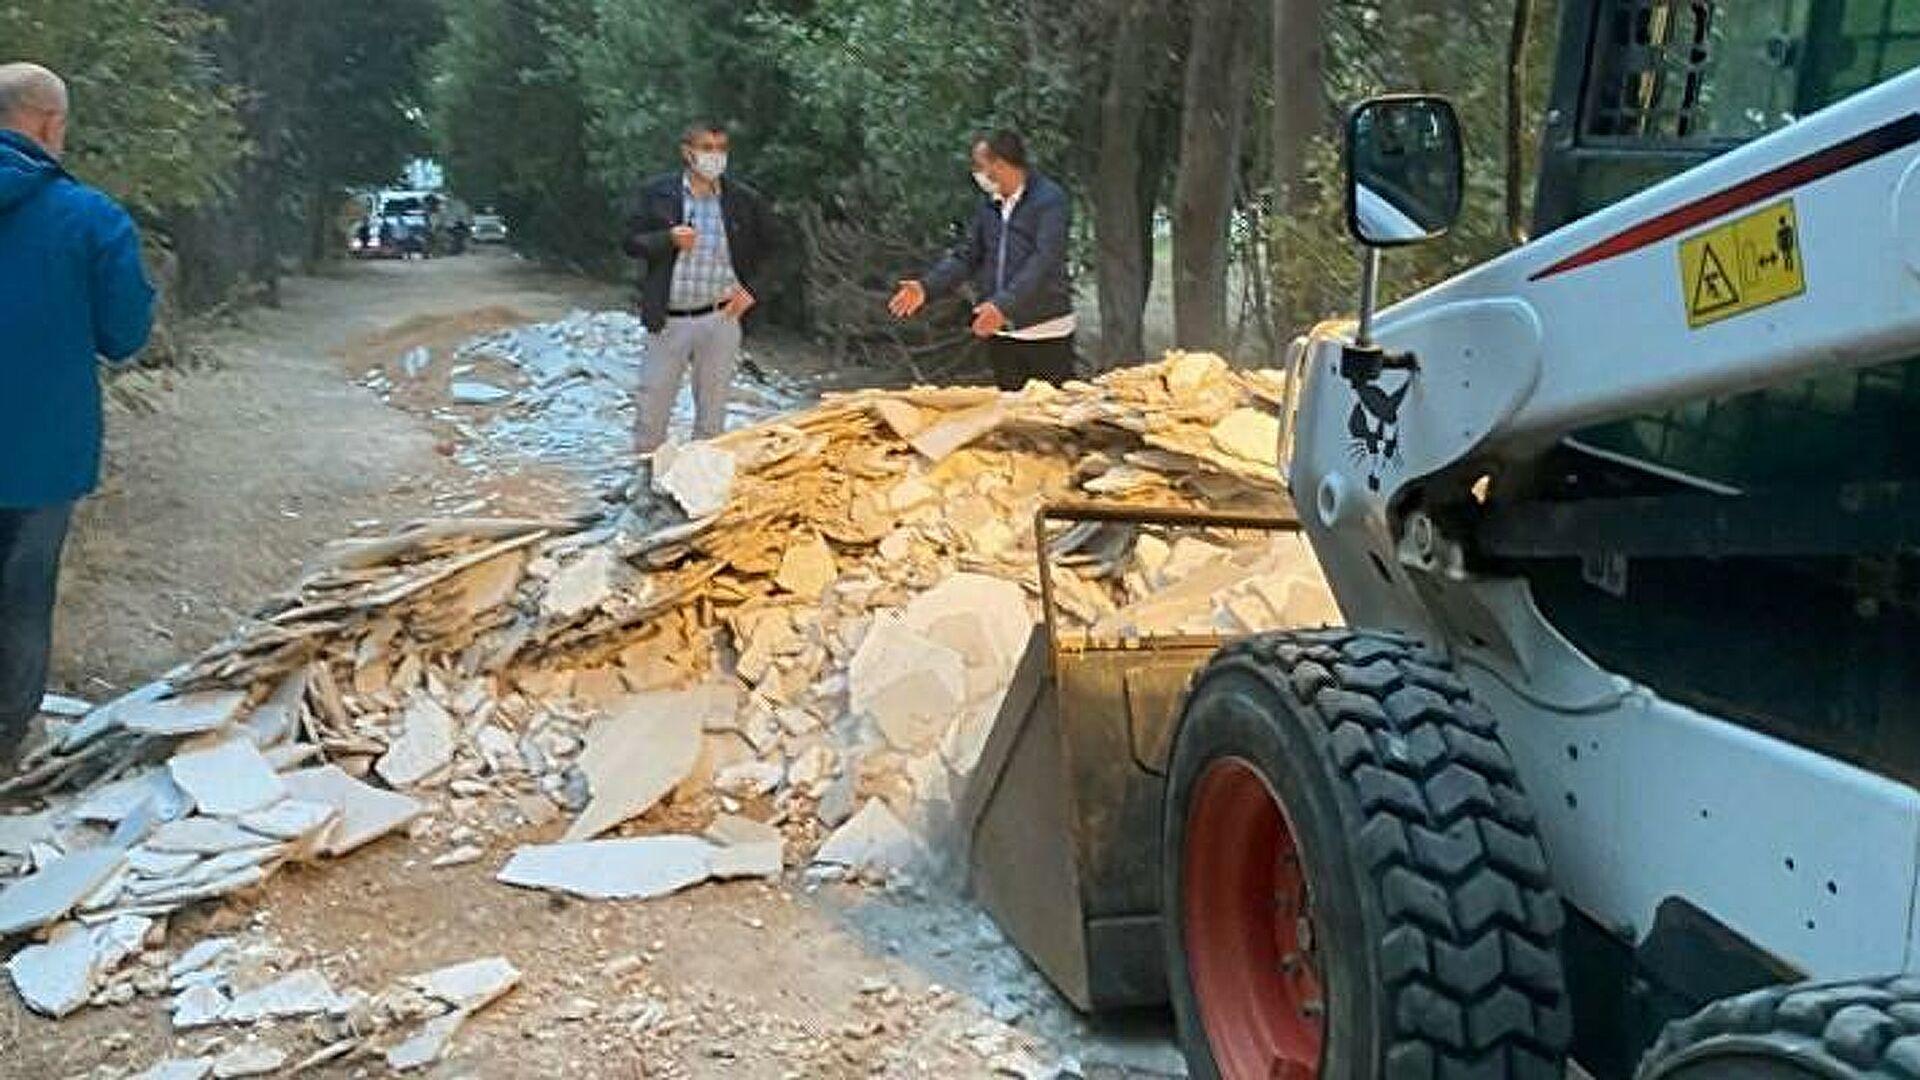 Üsküdar Belediyesi, Validebağ Korusu'na girip moloz döktü